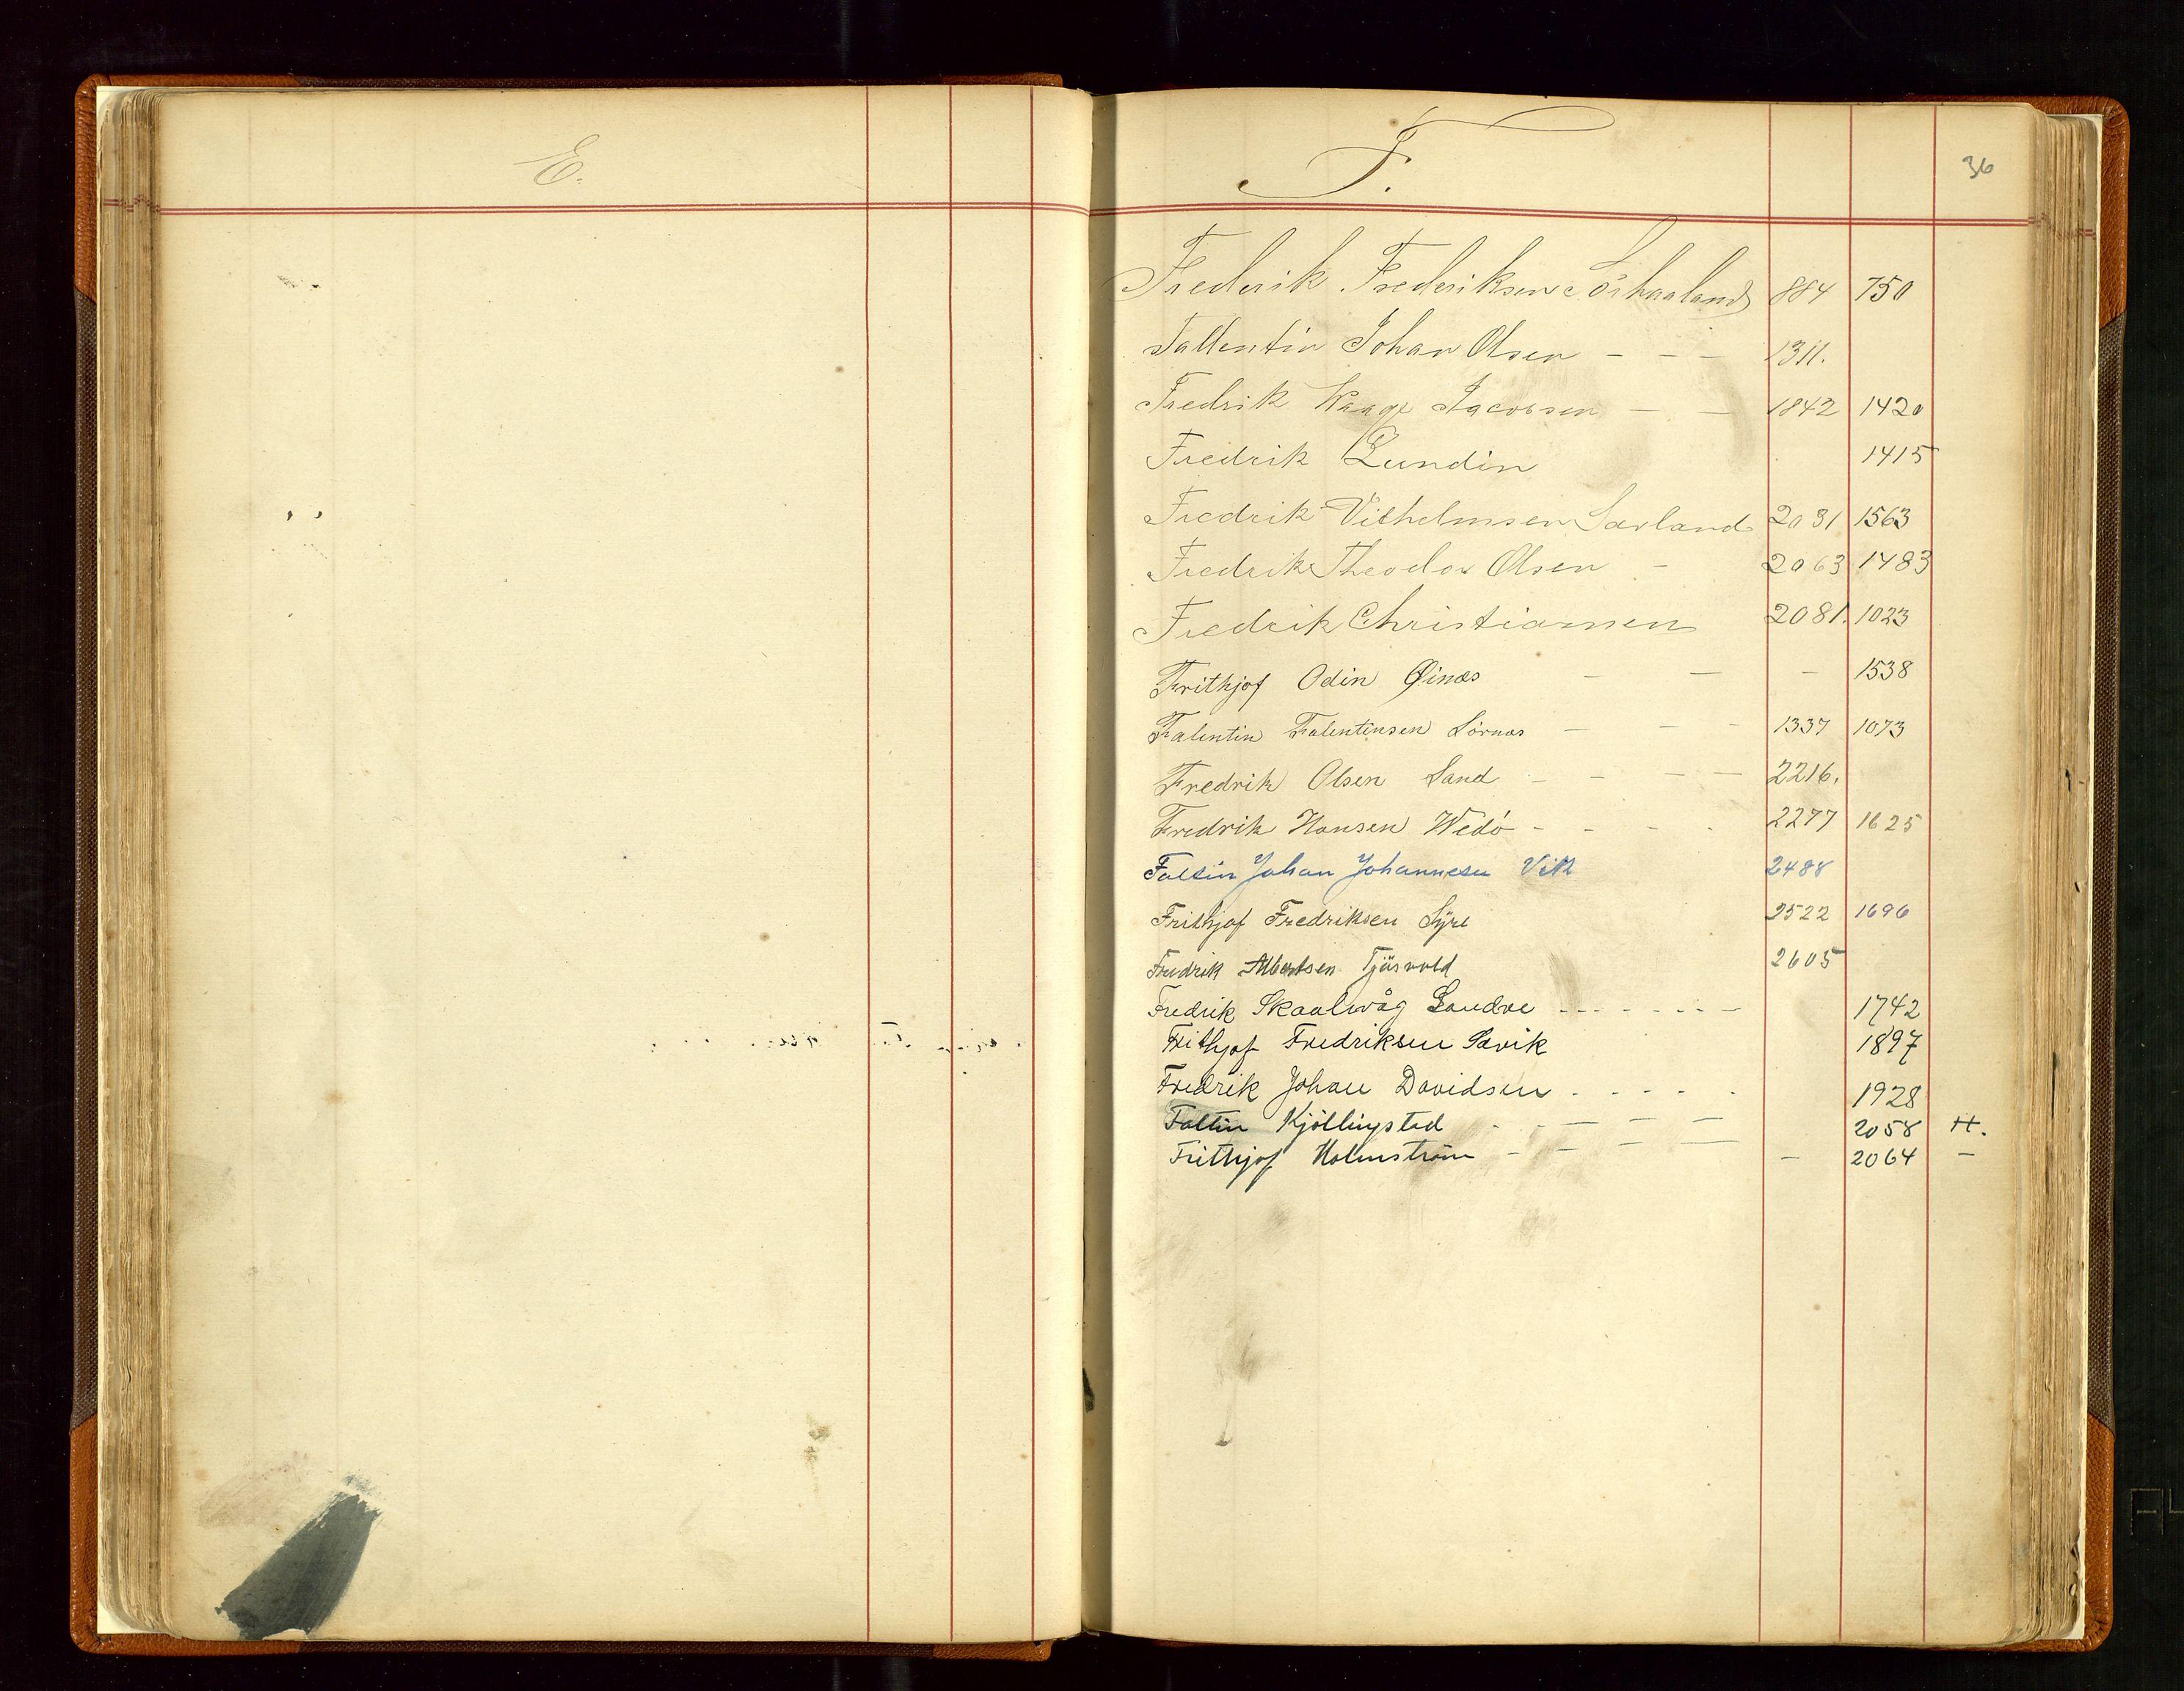 SAST, Haugesund sjømannskontor, F/Fb/Fba/L0003: Navneregister med henvisning til rullenummer (fornavn) Haugesund krets, 1860-1948, s. 36